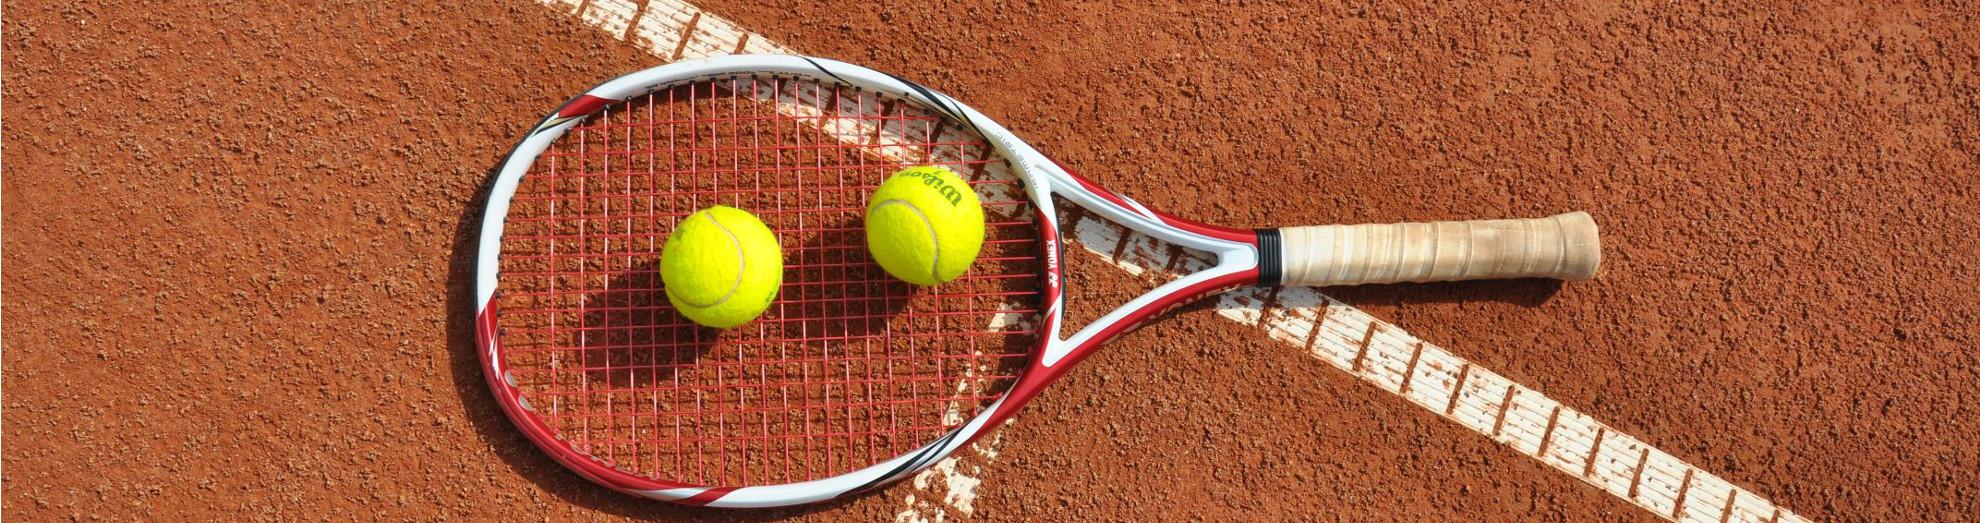 tenis-ziemny-poznan